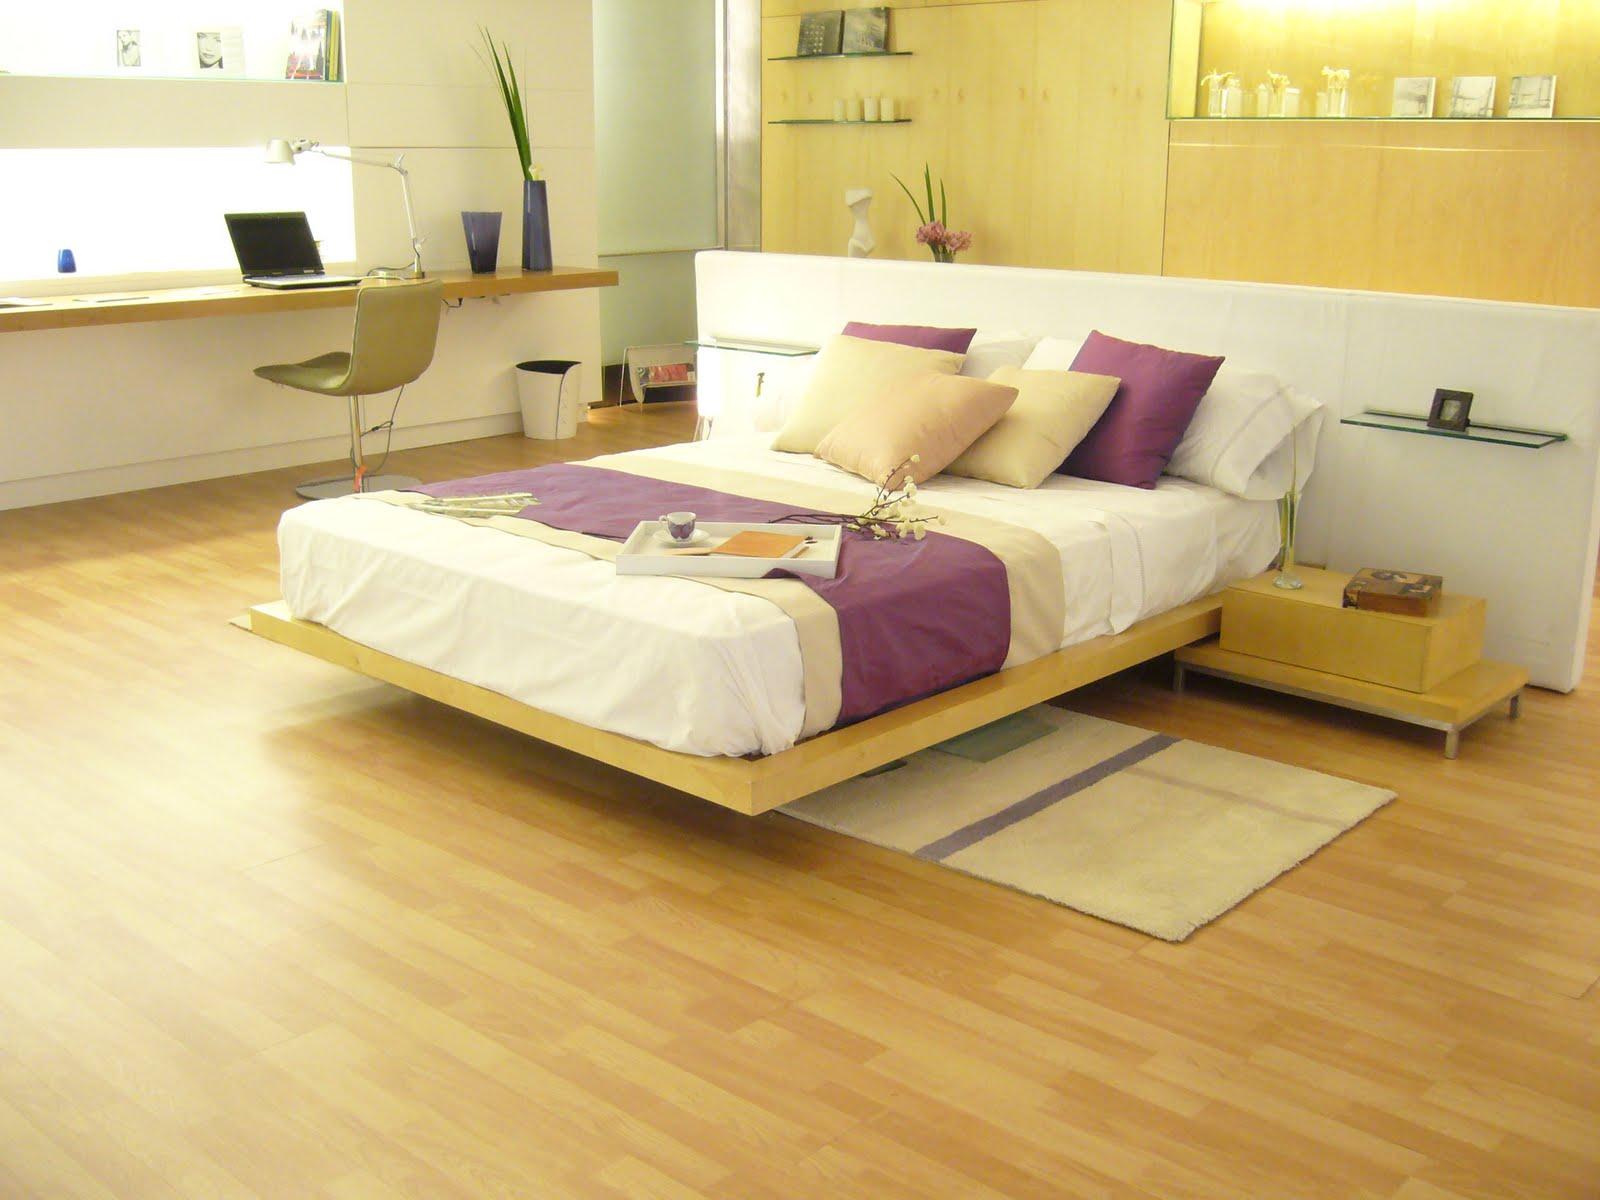 Programa tv dise o consejos para decorar el dormitorio - Decorar dormitorio principal ...